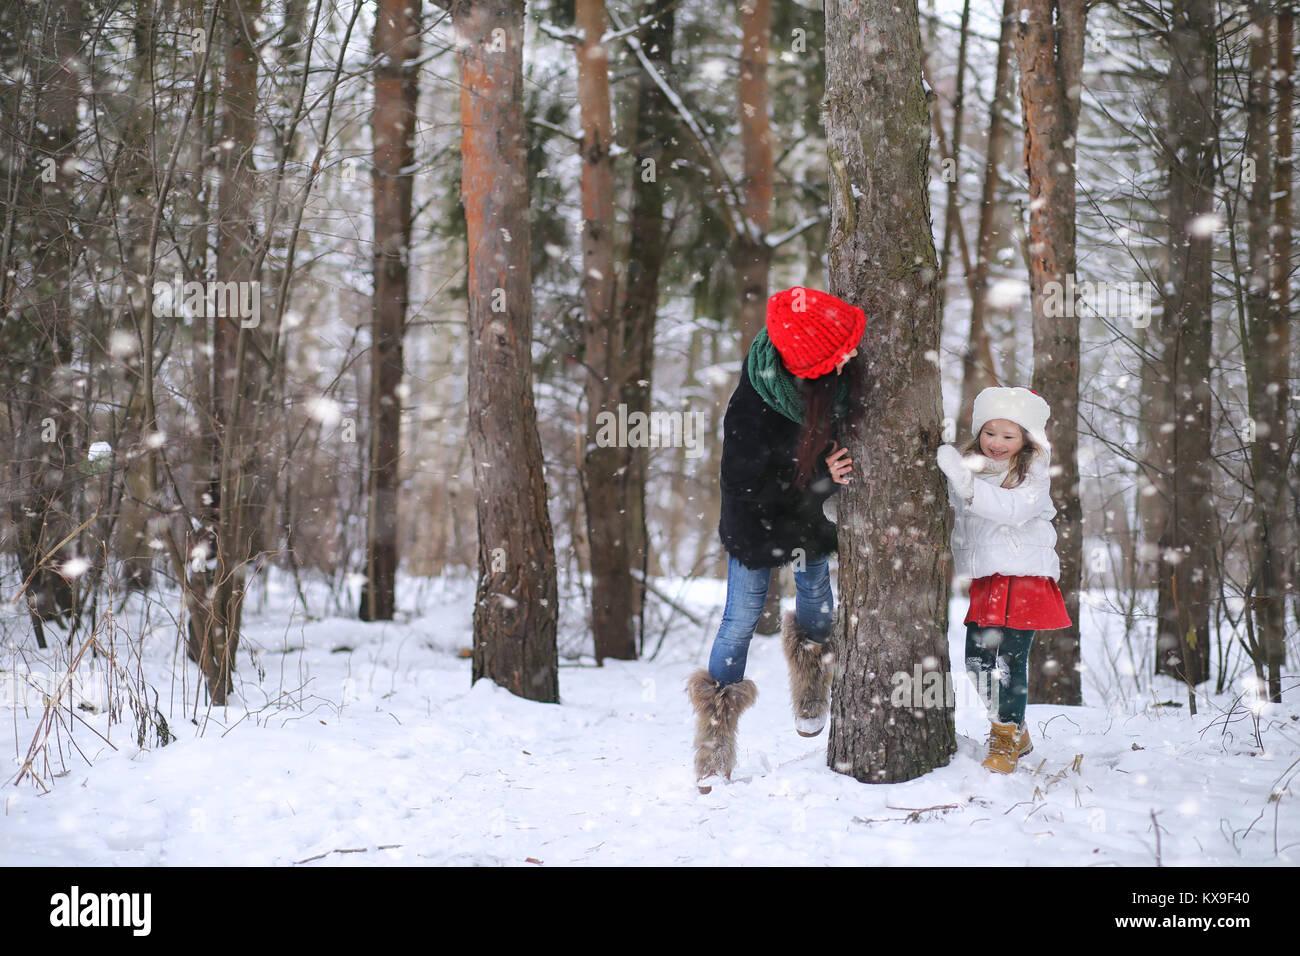 Ein Wintermärchen, eine junge Mutter und ihre Tochter mit einem Schlitten Stockbild